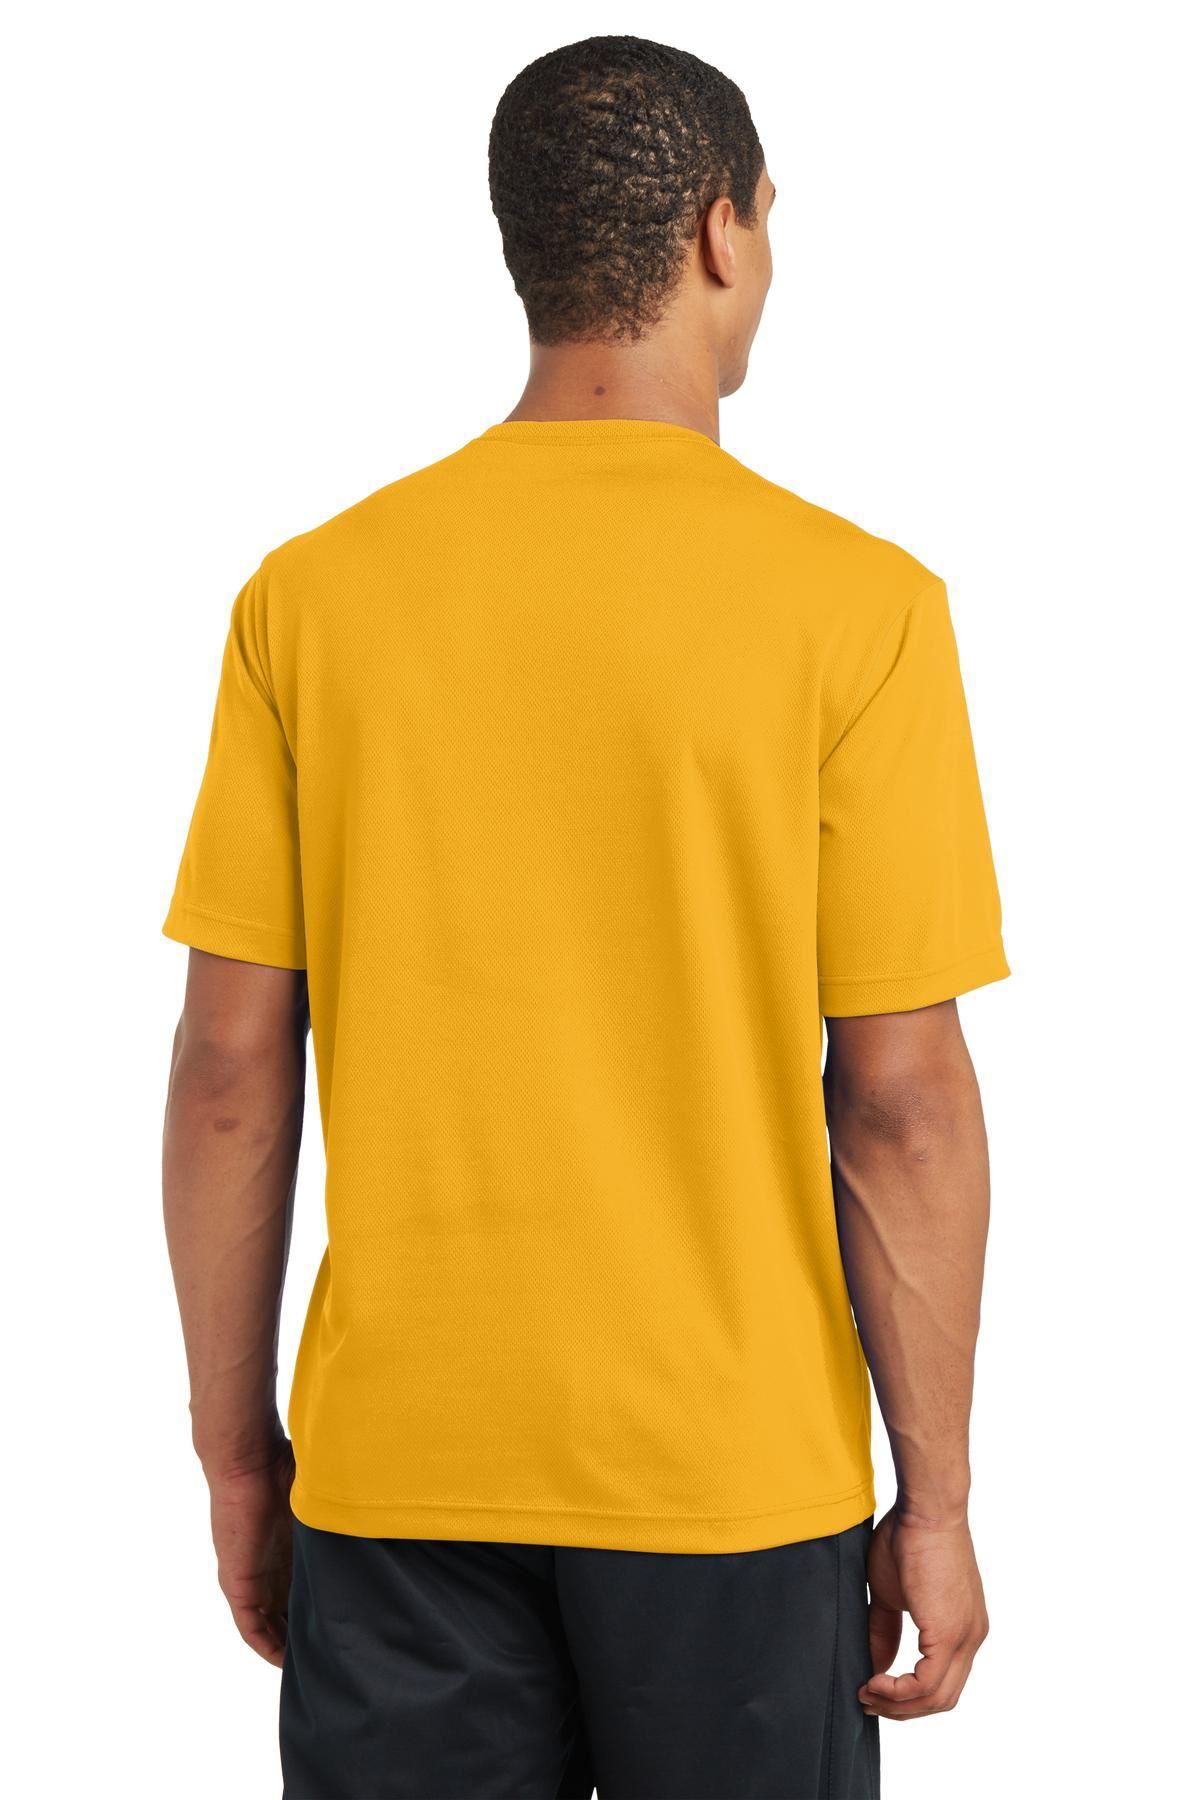 thumbnail 13 - Sport-Tek Men's Dry-Fit RacerMesh Moisture Wicking T-Shirt M-ST340